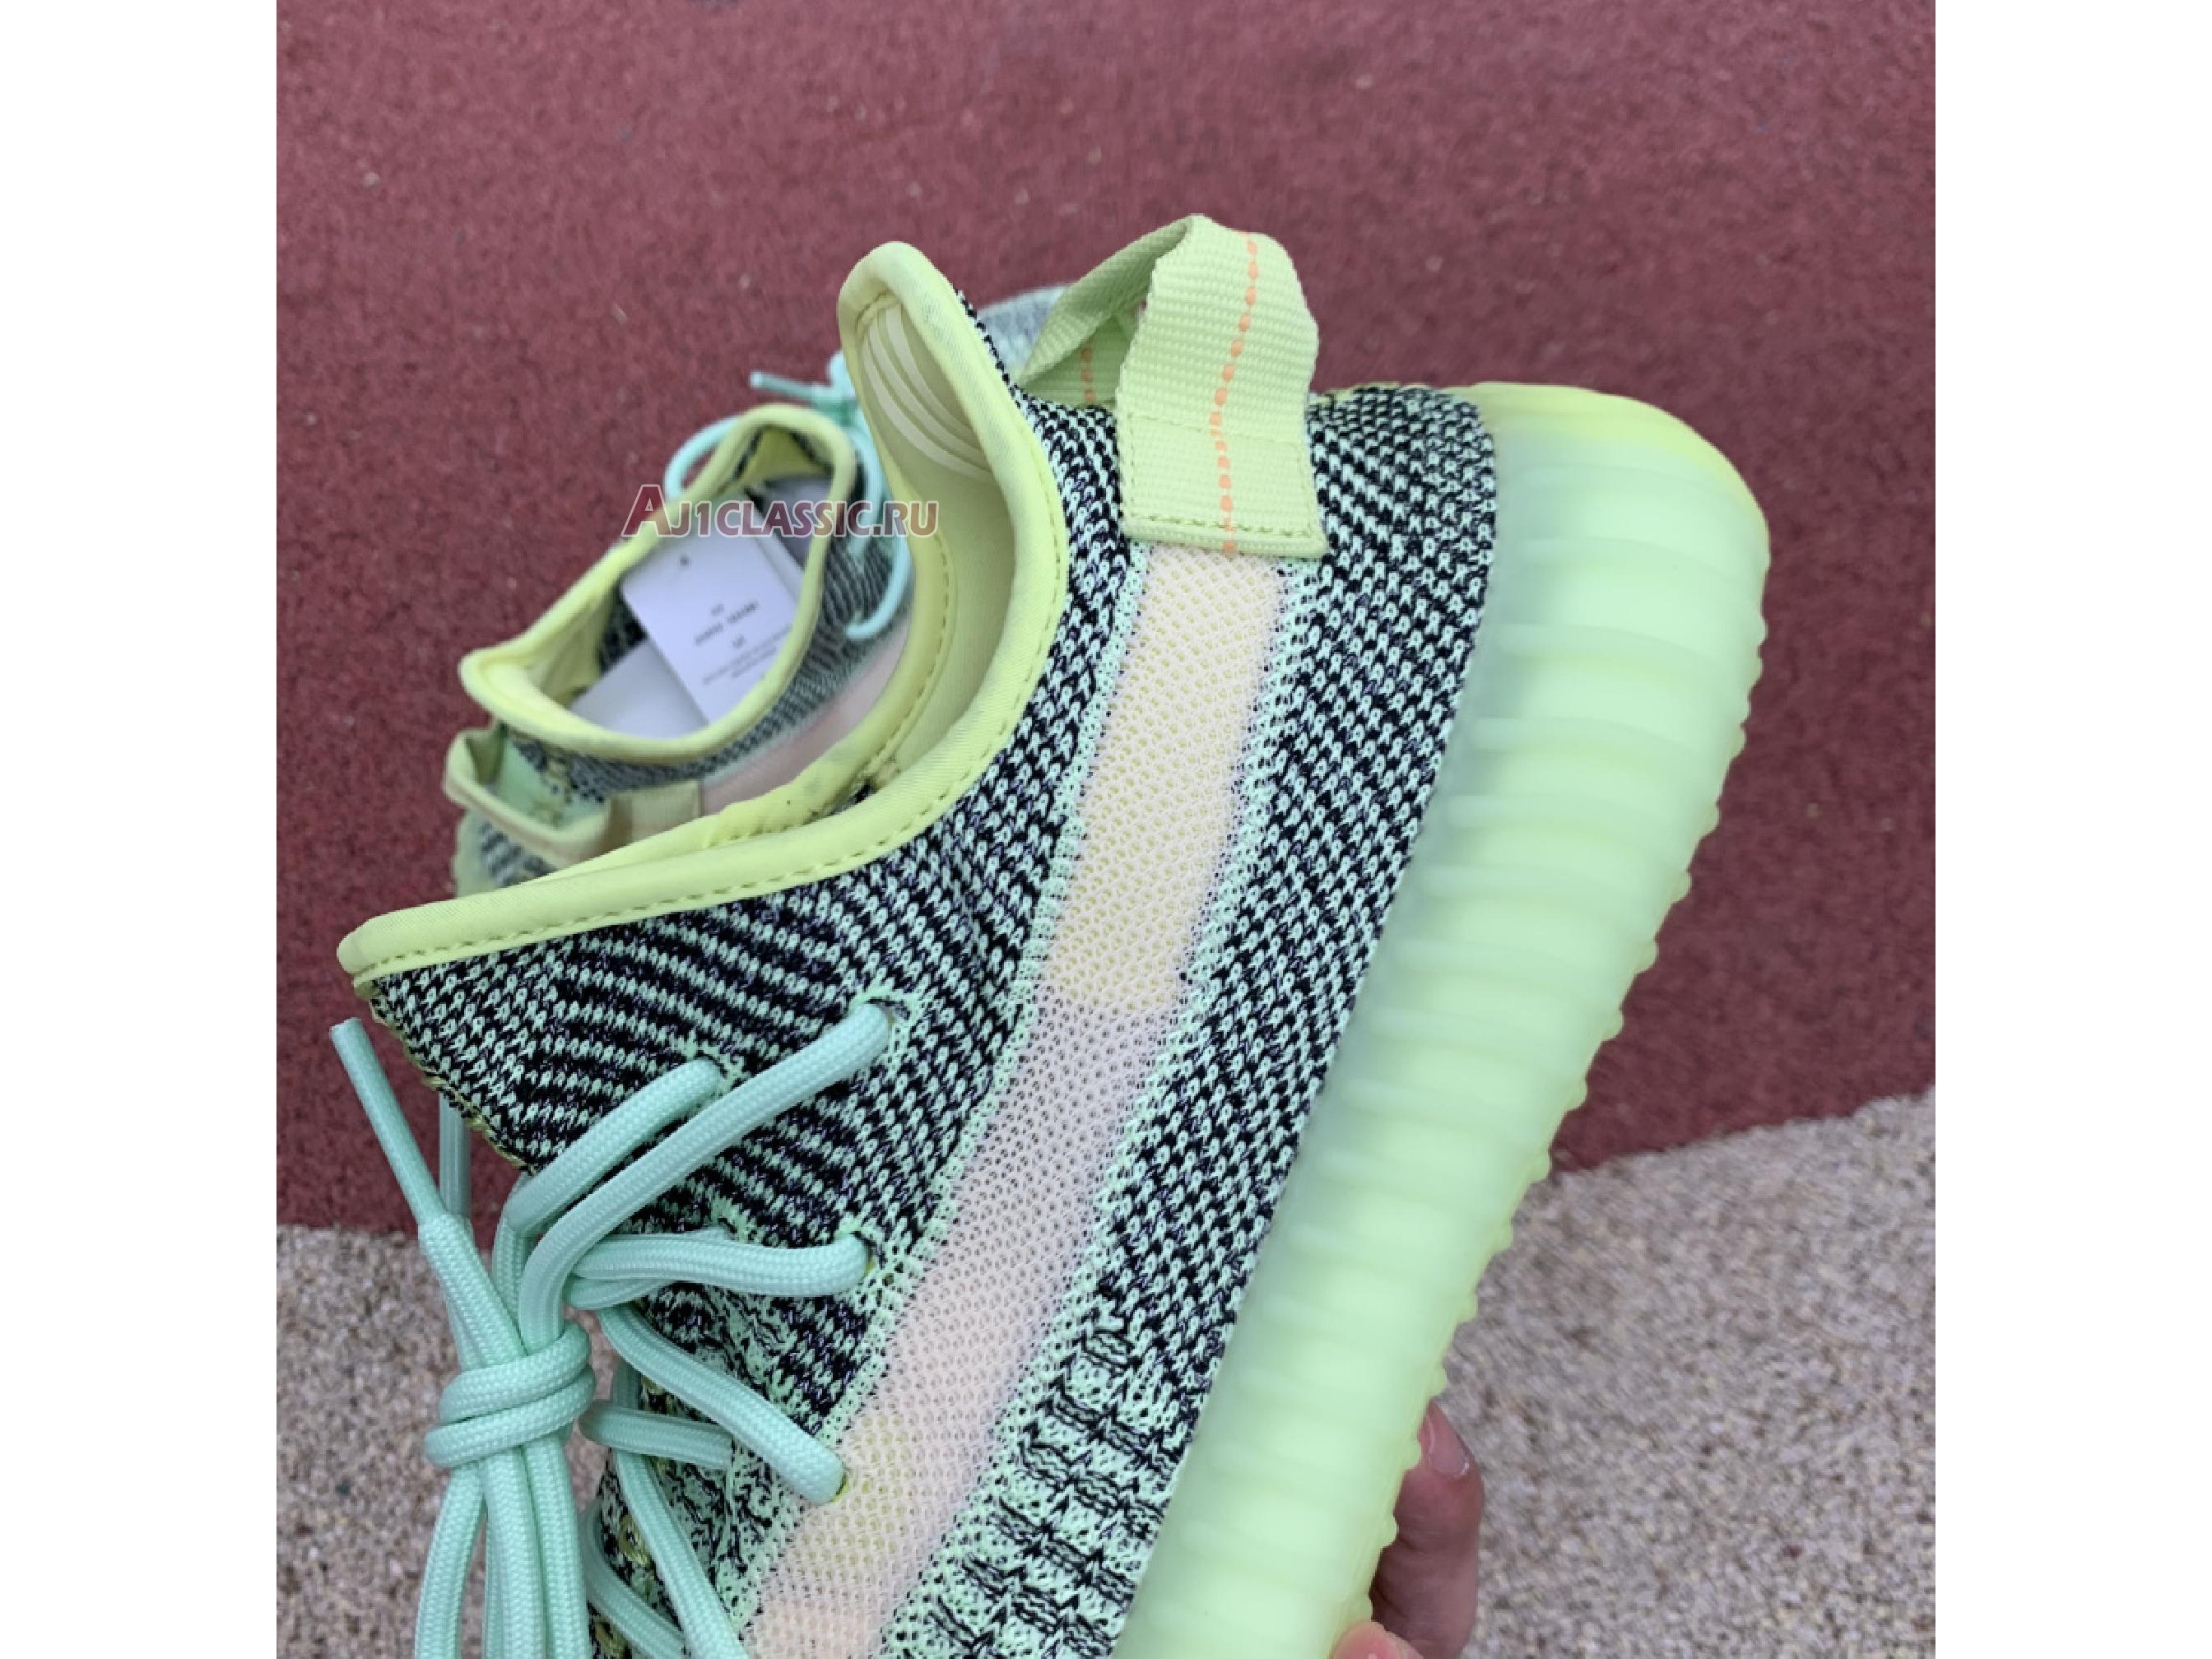 """Adidas Yeezy Boost 350 V2 """"Yeezreel Reflective"""" FX4130"""